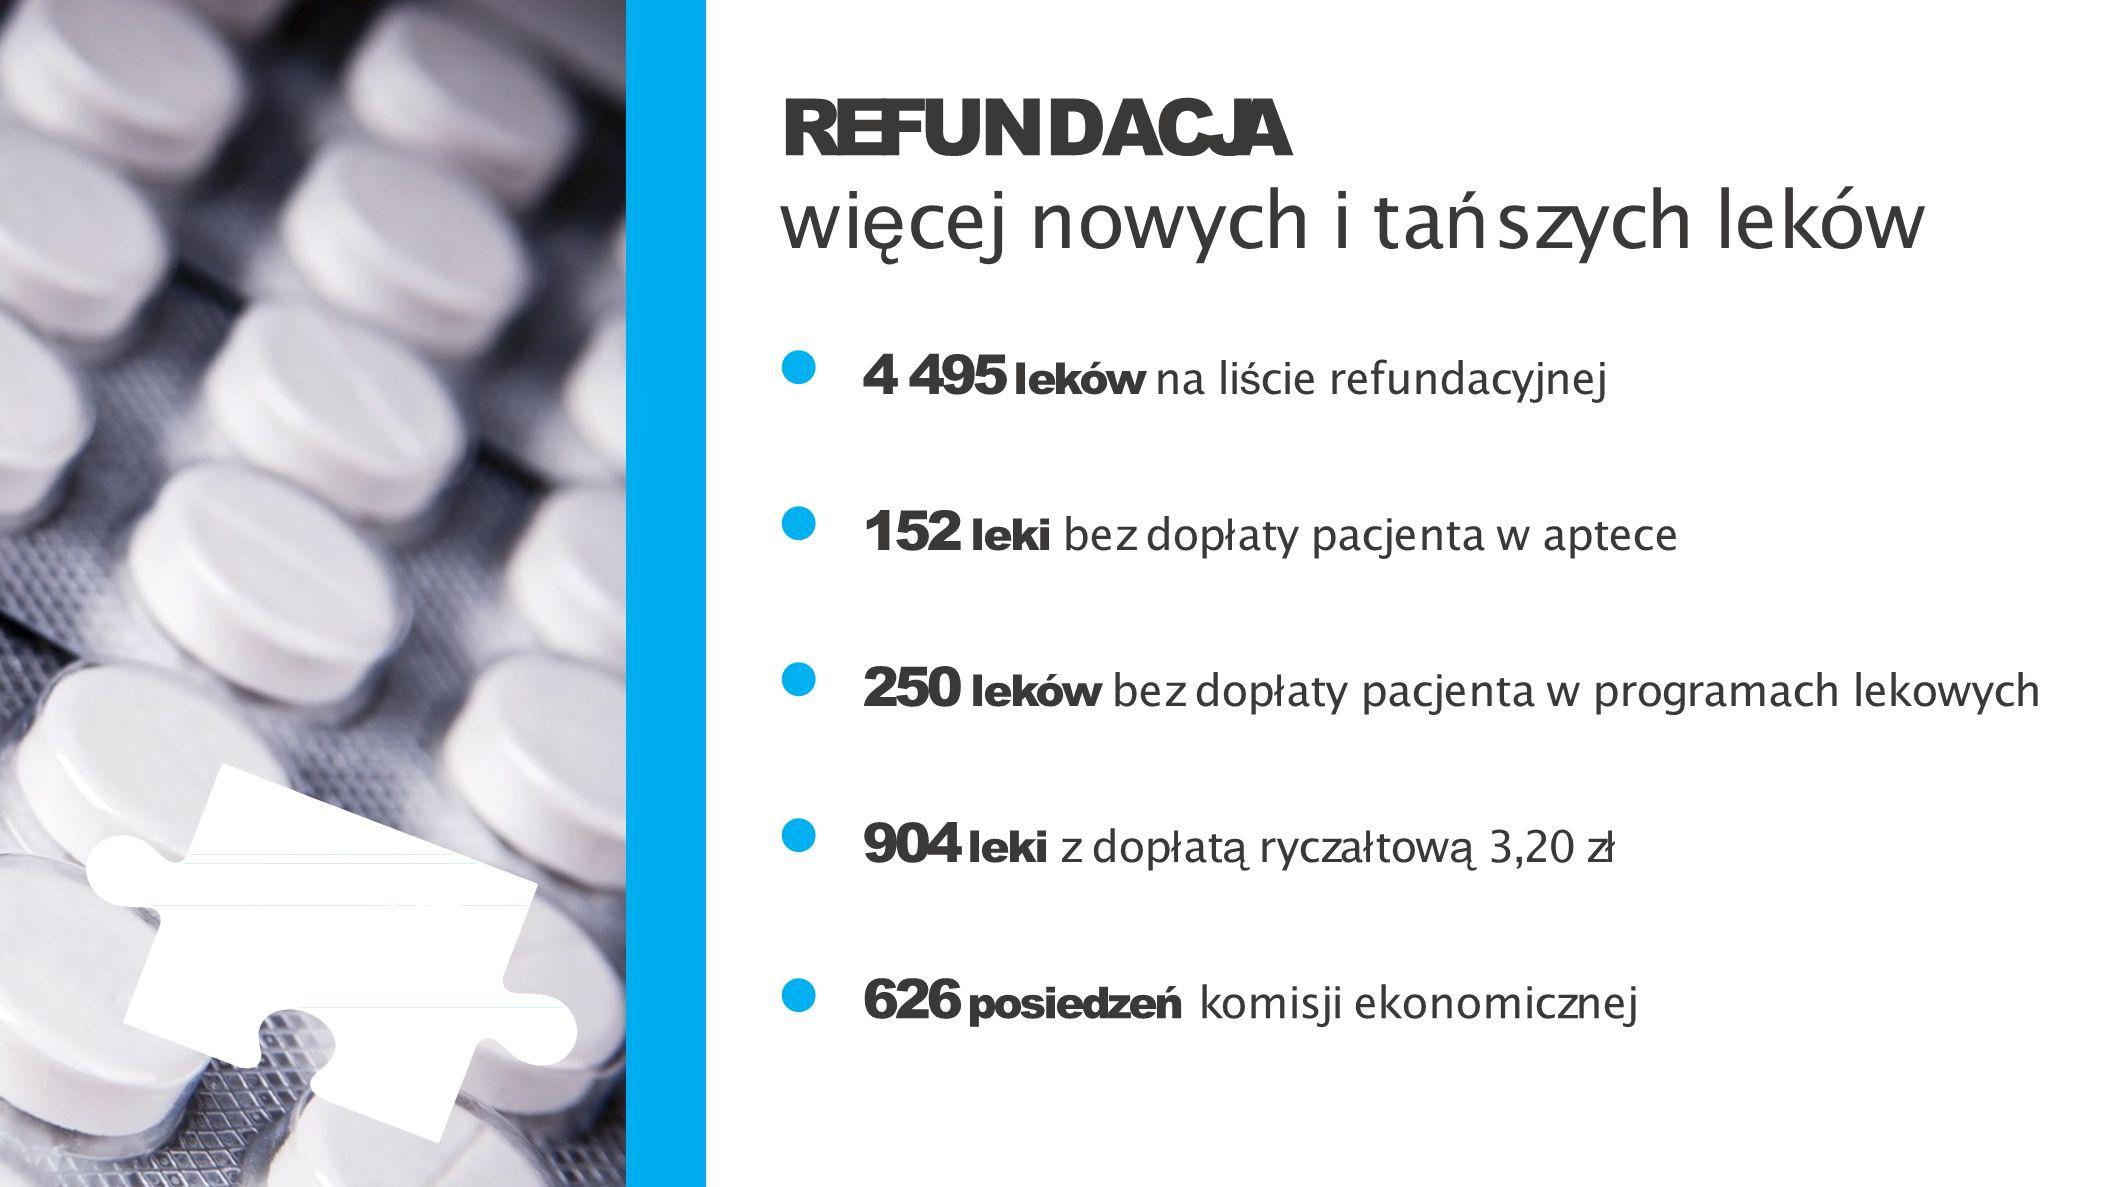 4 495 leków na li ś cie refundacyjnej 152 leki bez dop ł aty pacjenta w aptece 250 leków bez dop ł aty pacjenta w programach lekowych 904 leki z dop ł